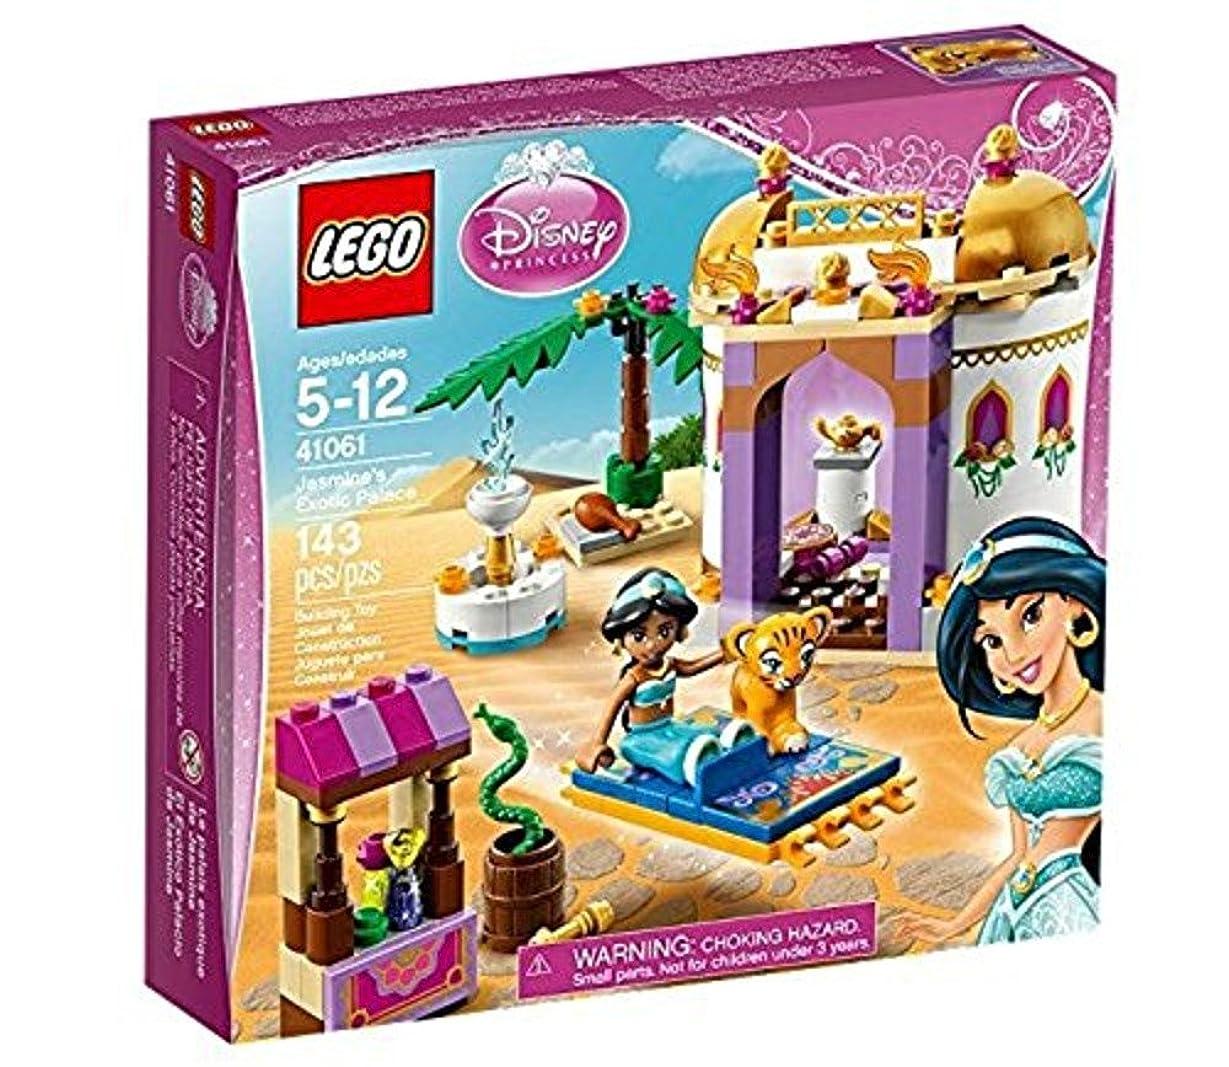 虚偽プット乏しいレゴ (LEGO) ディズニー?プリンセス ジャスミンのエキゾチックパレス 41061